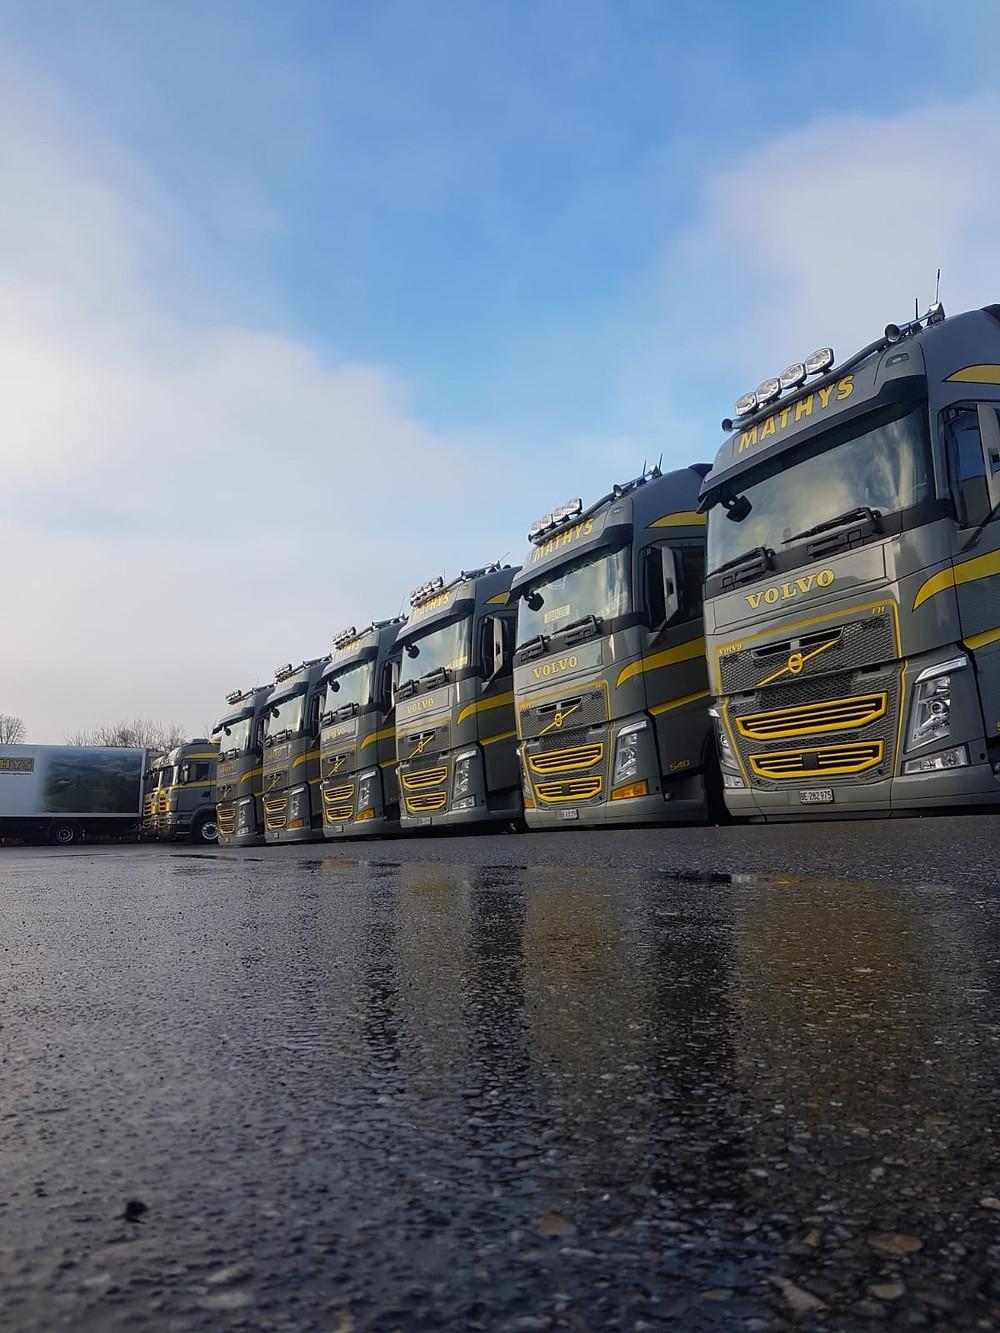 Das Bild zeigt die Flotte der Stückgutlastwagen.